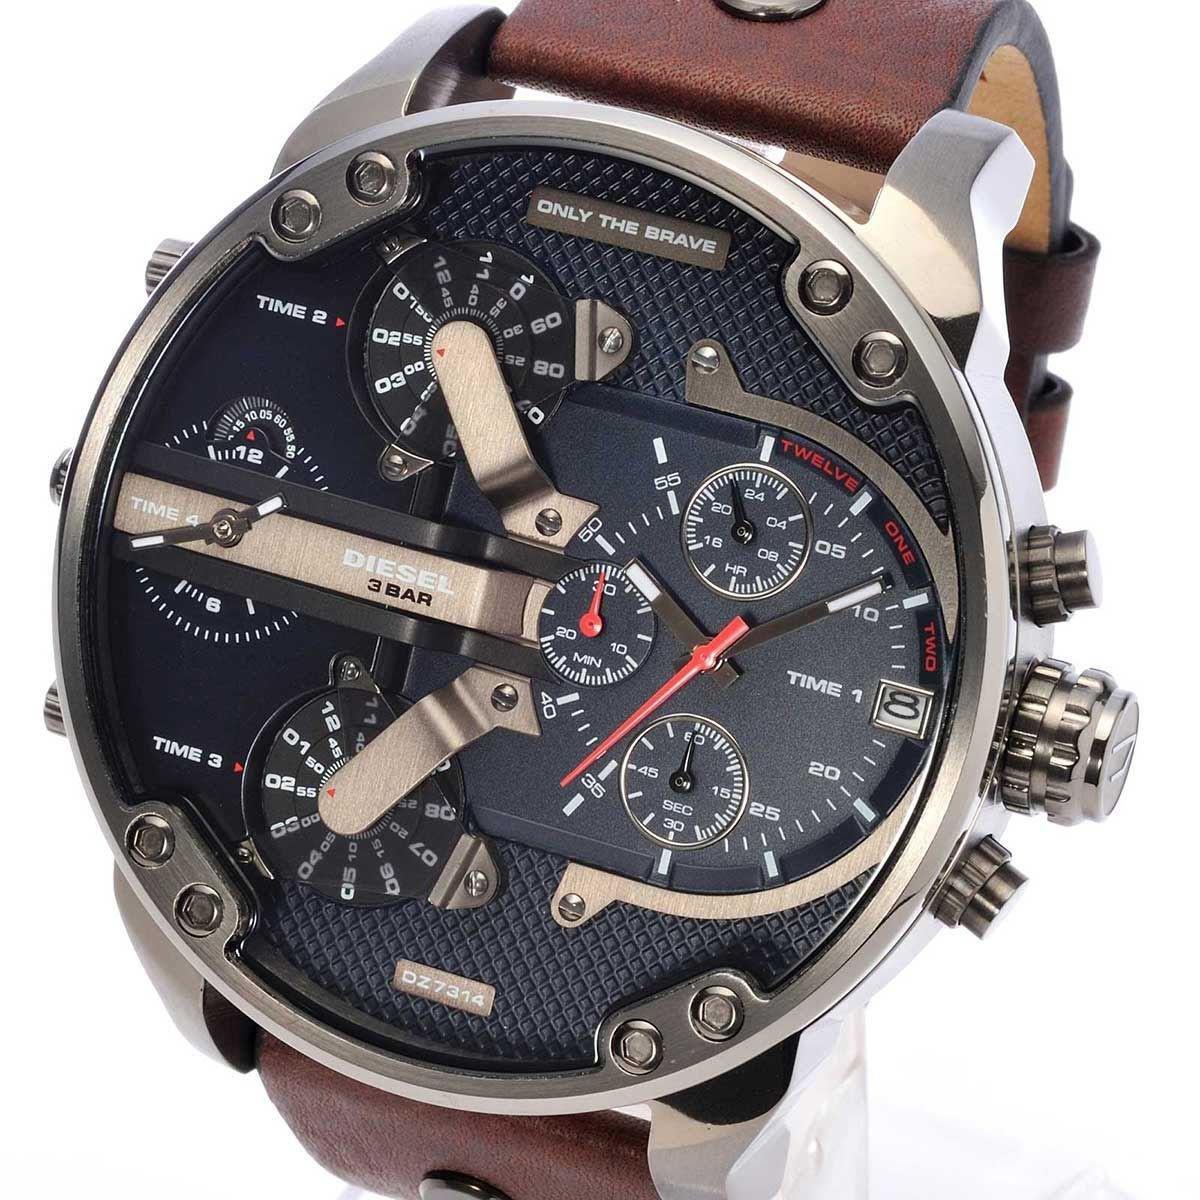 Основная причина, по которой нужно купить часы diesel brave – это их популярность и узнаваемость.